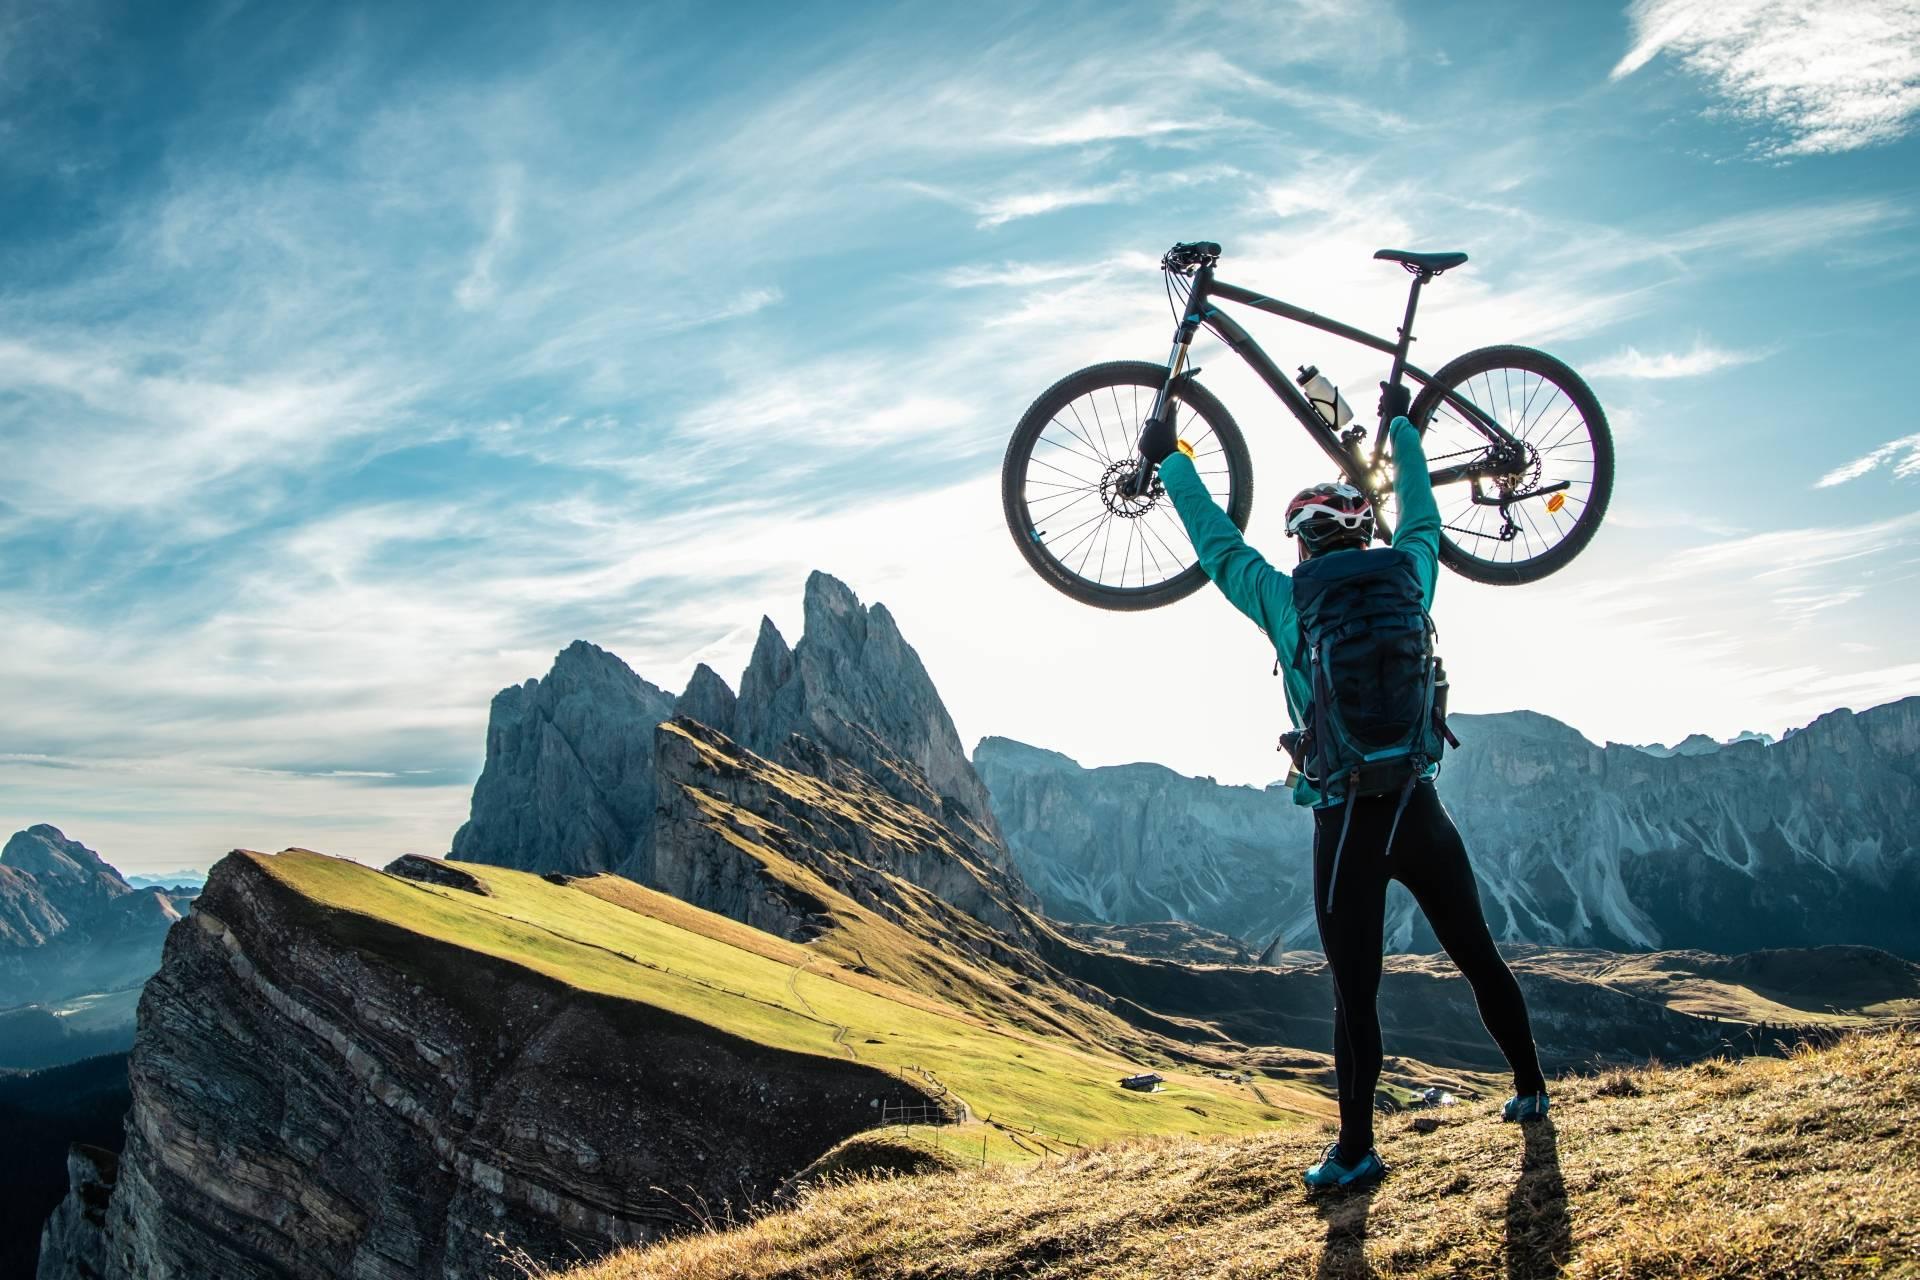 Jak znaleźć równowagę między pracą a życiem osobistym? Mężczyzna jeżdżący po górach podnosi swój rower górski w rękach do nieba.